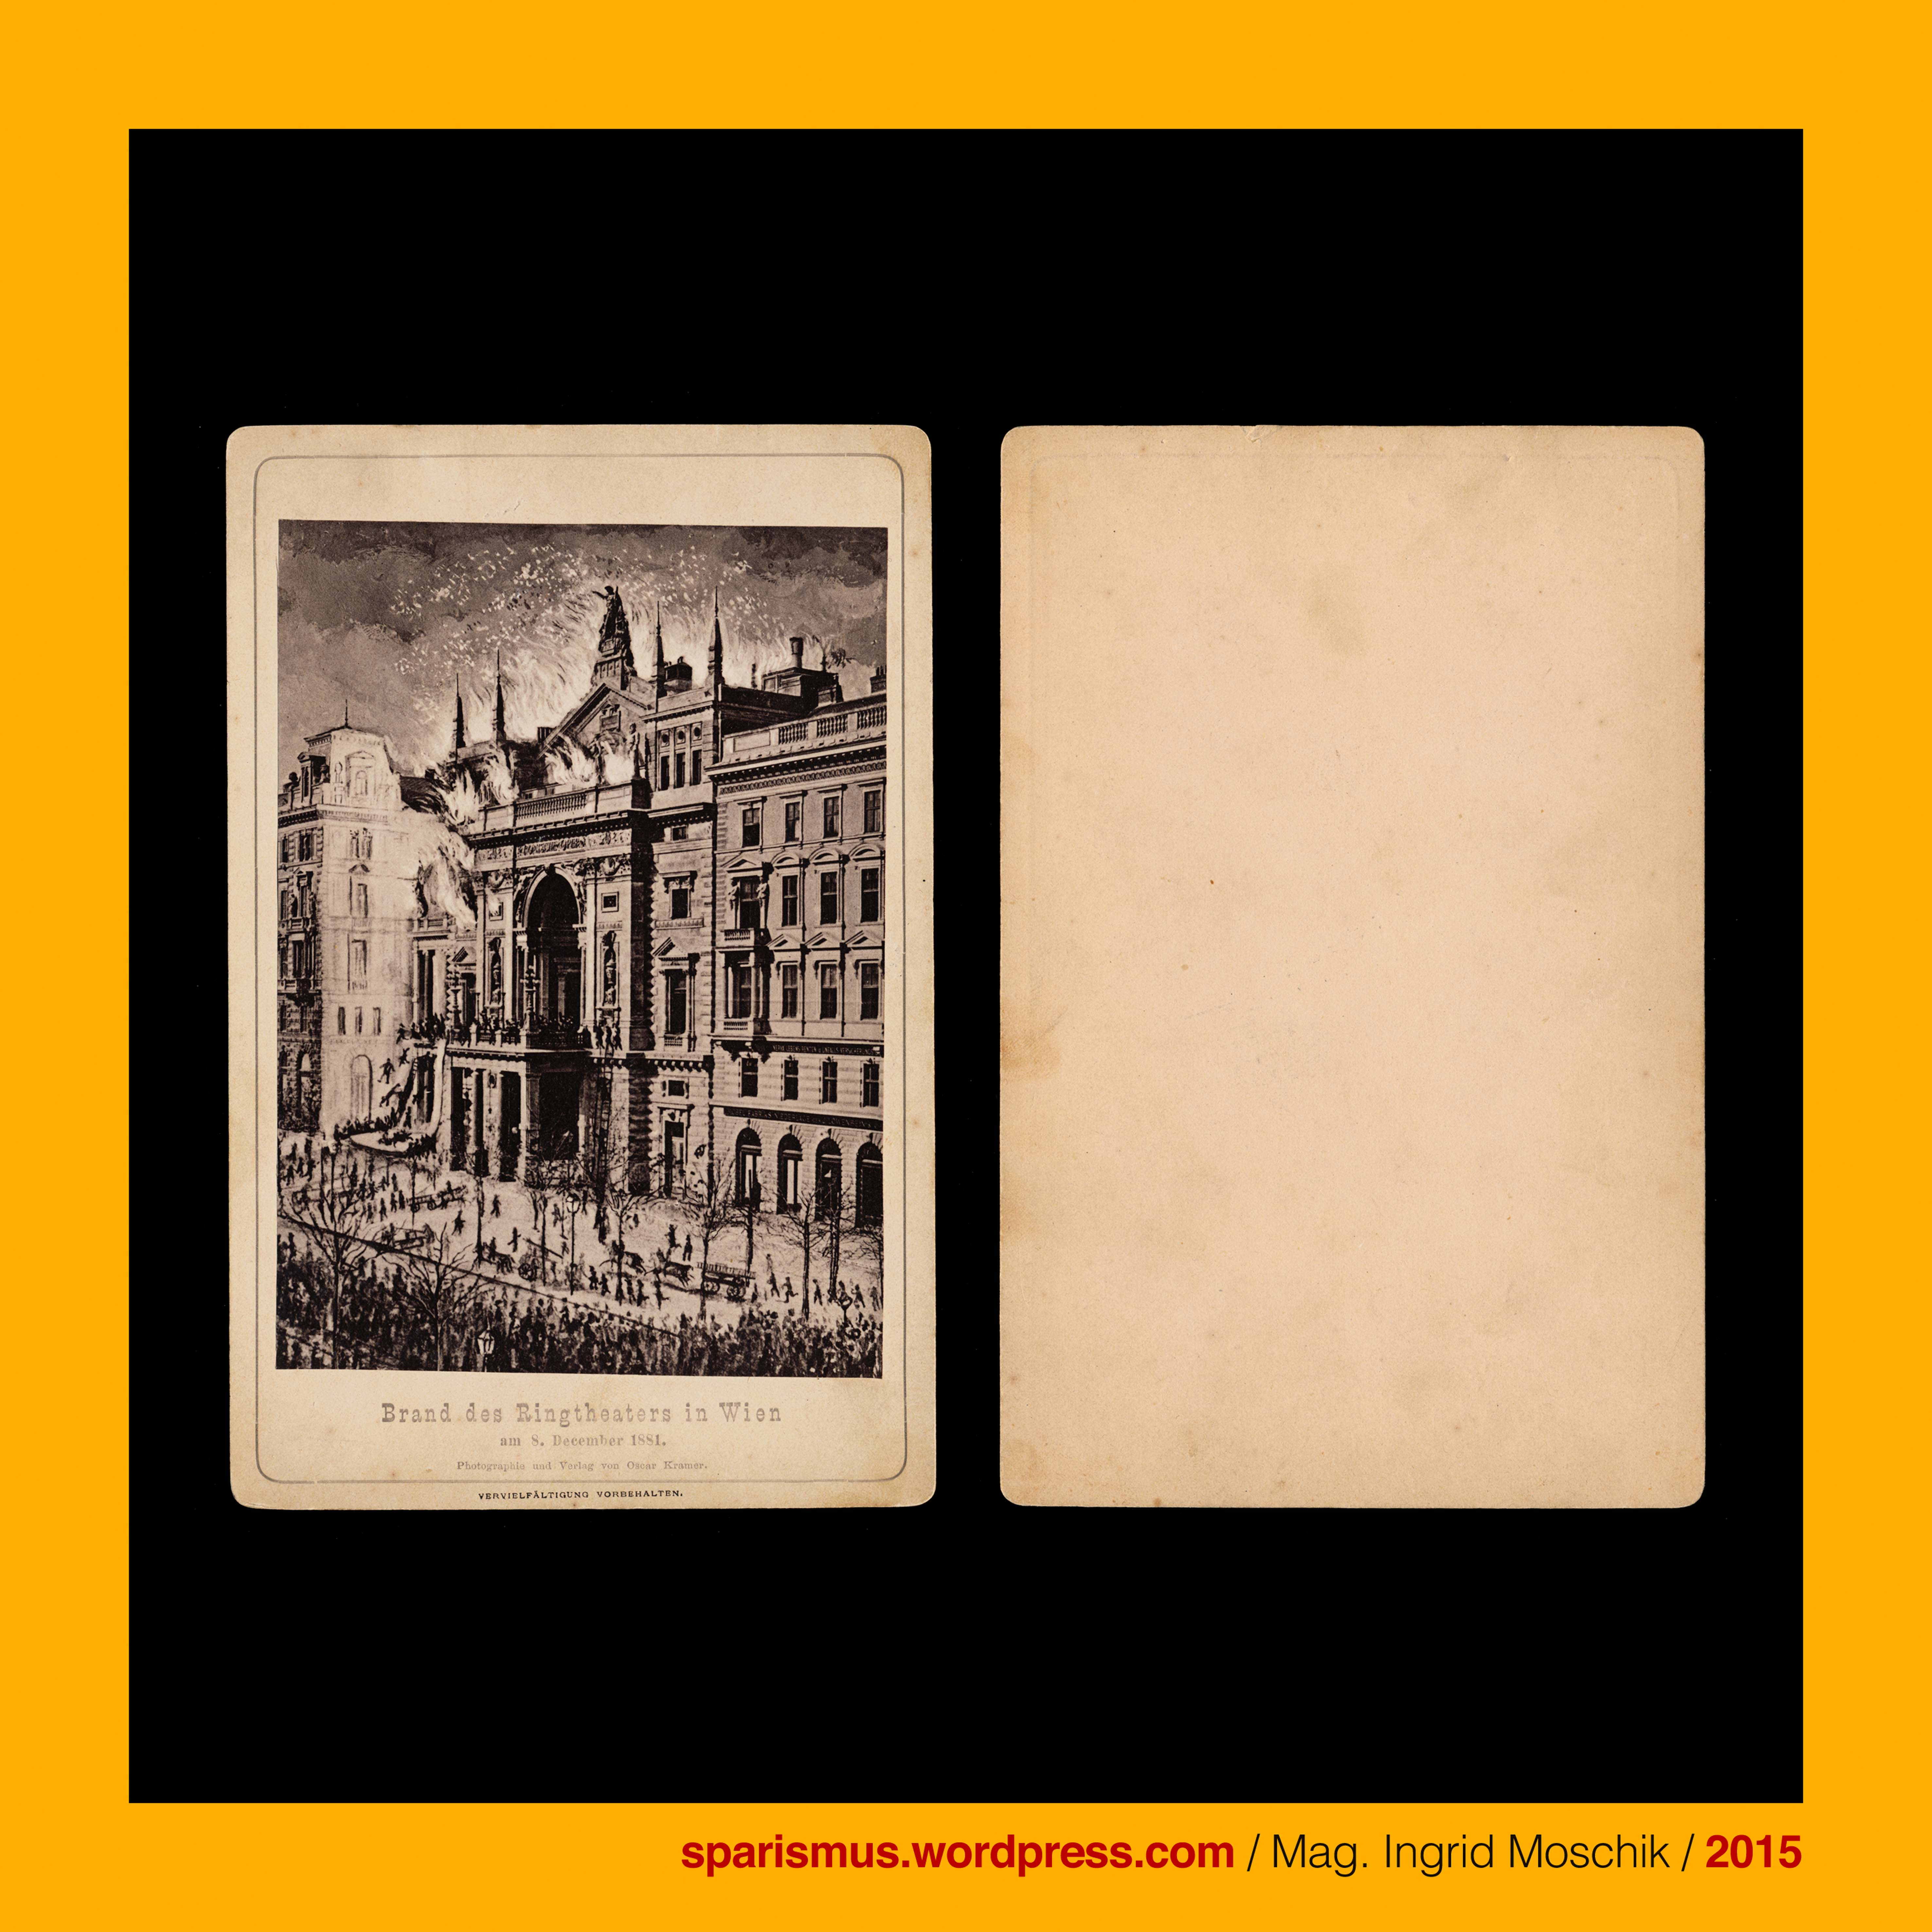 Oscar Kramer graphie und Verlag Wien Brand des